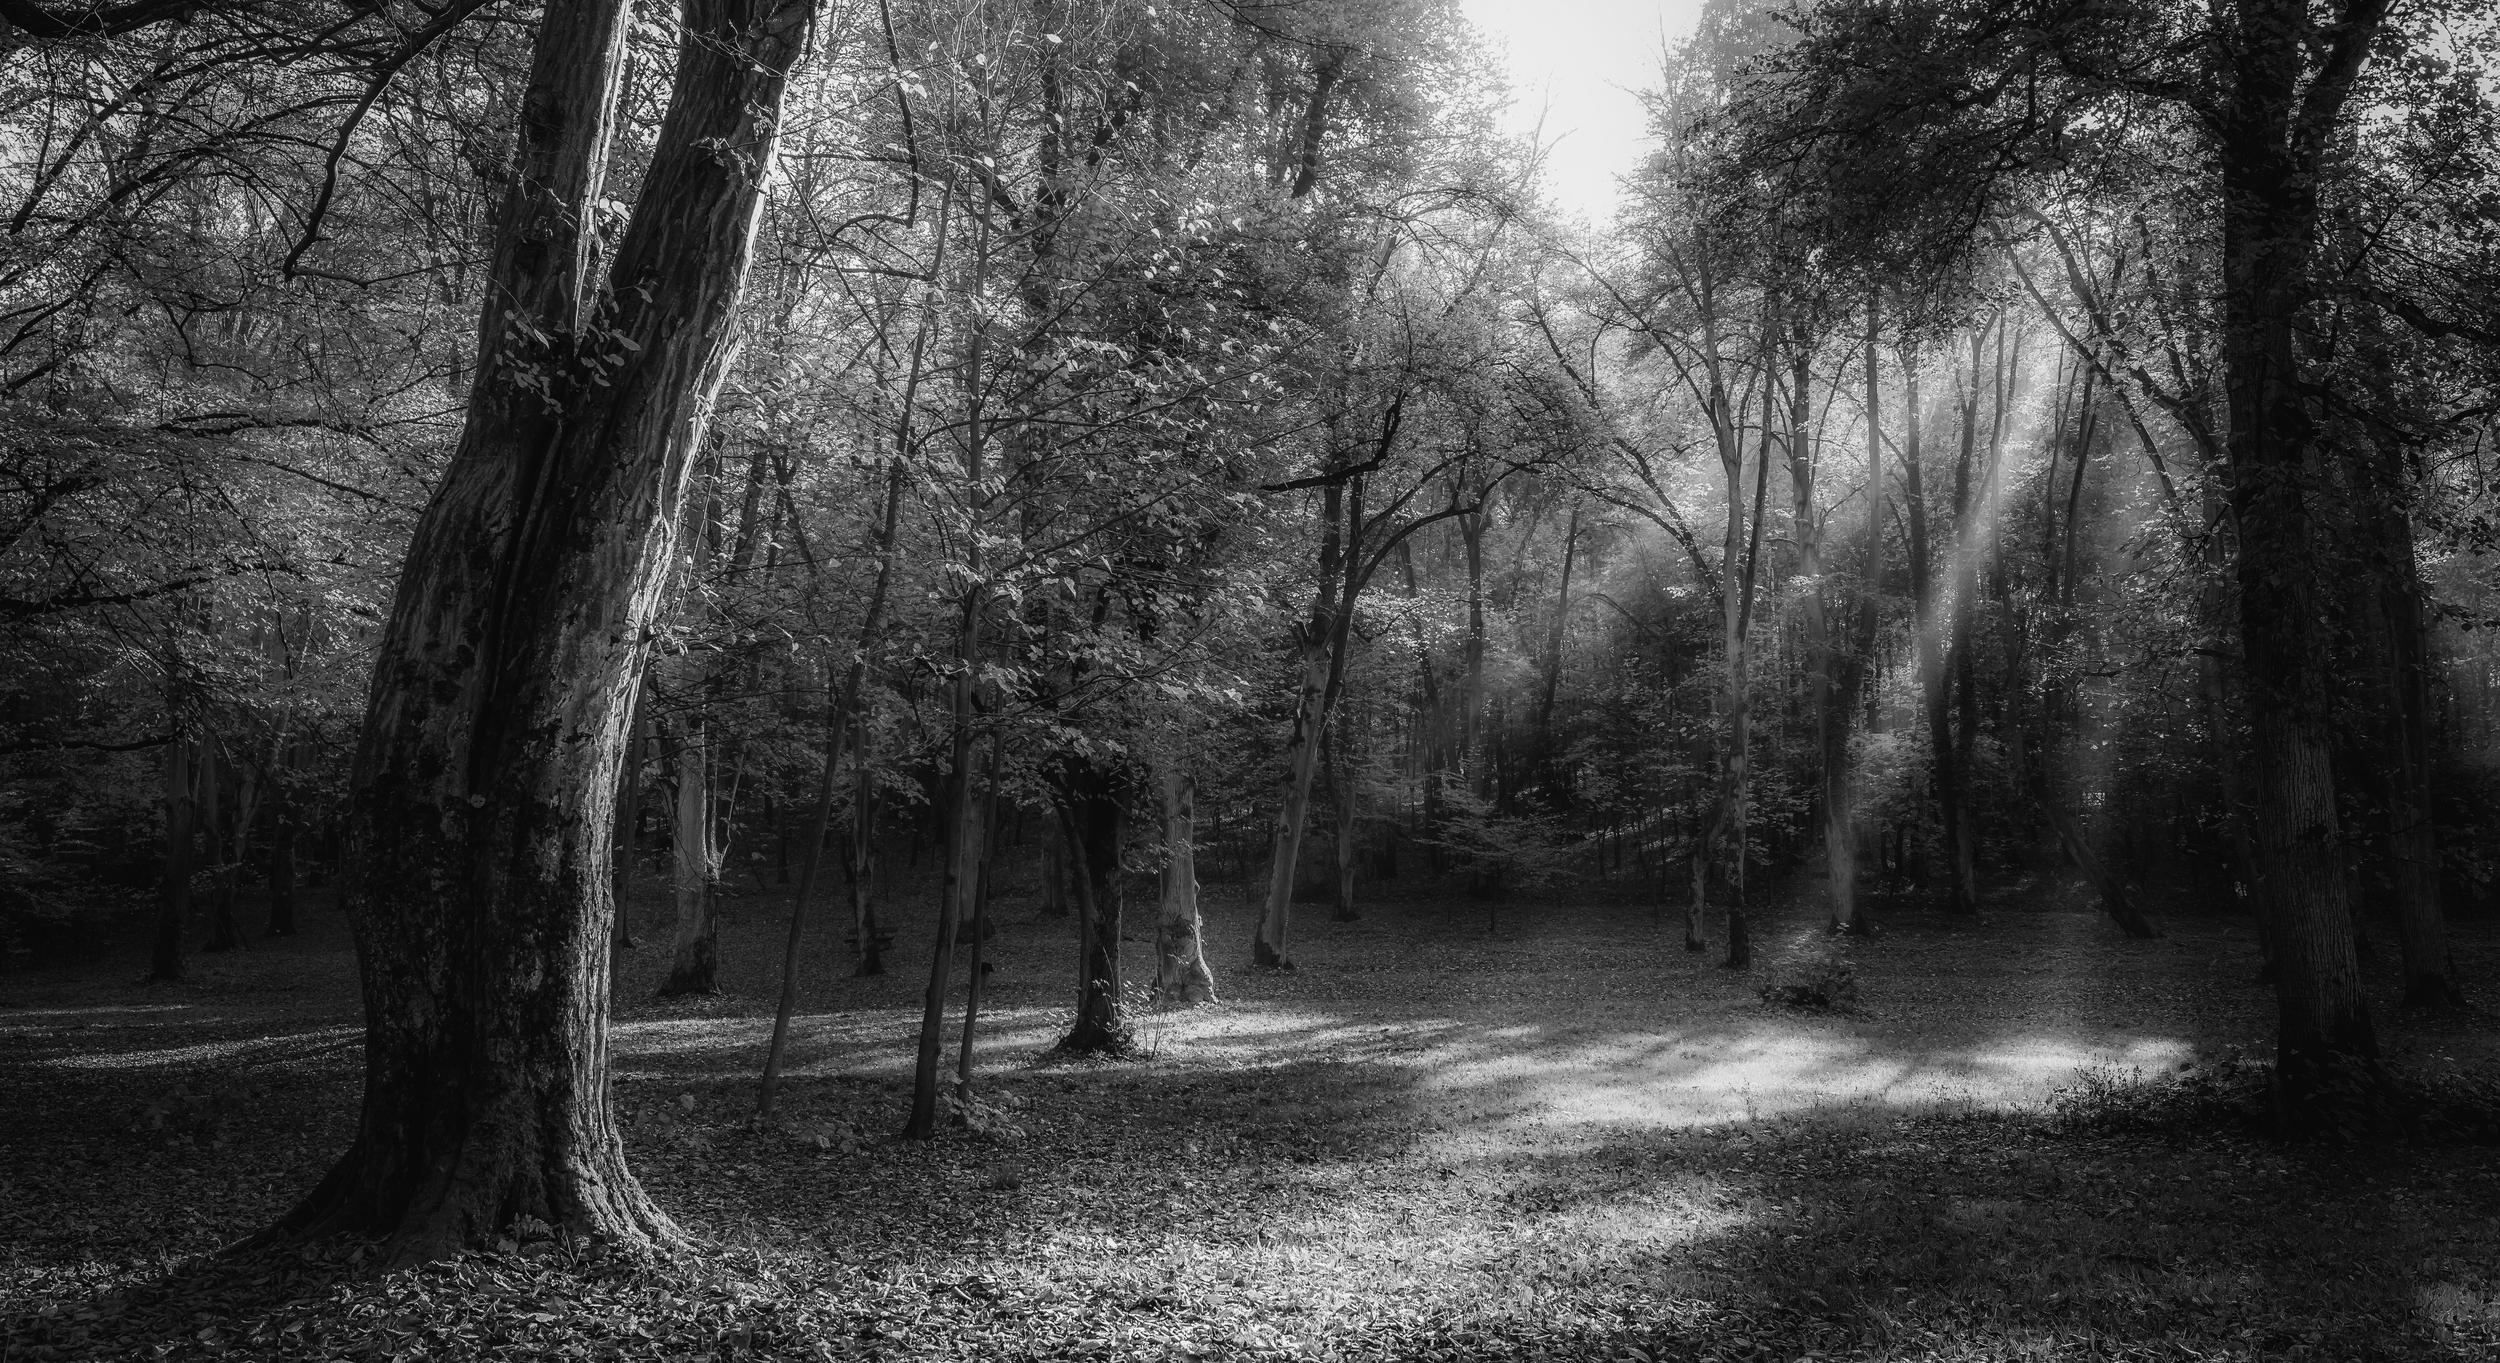 Bielańsko - Tyniecki Park Krajobrazowy